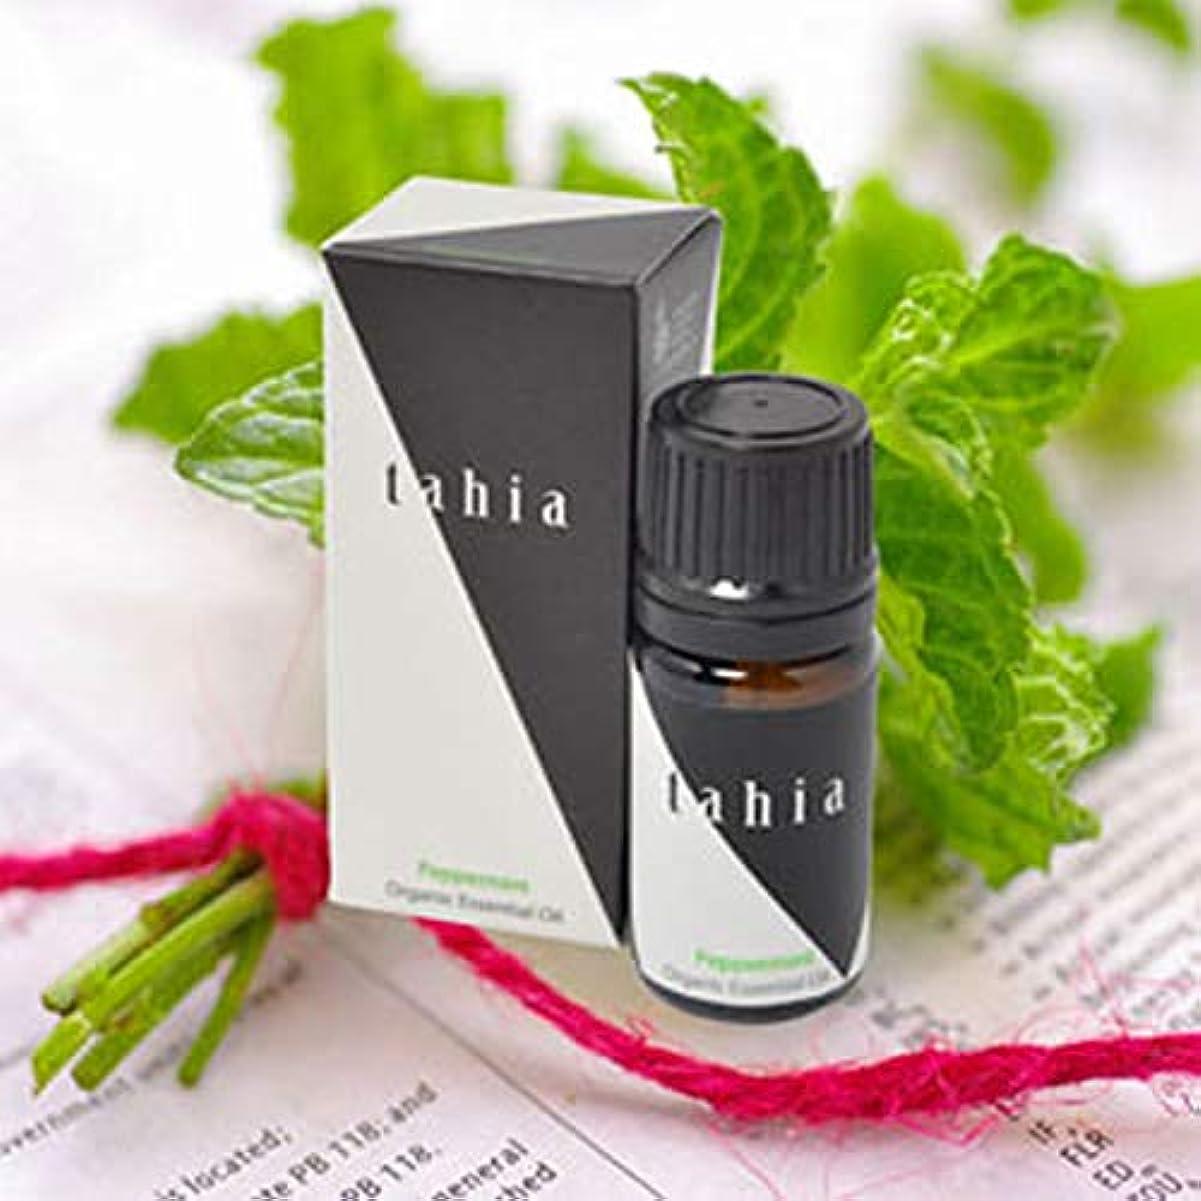 禁止する印象的な不均一タツフト タヒア tahia ペパーミント  エッセンシャルオイル オーガニック 芳香 精油